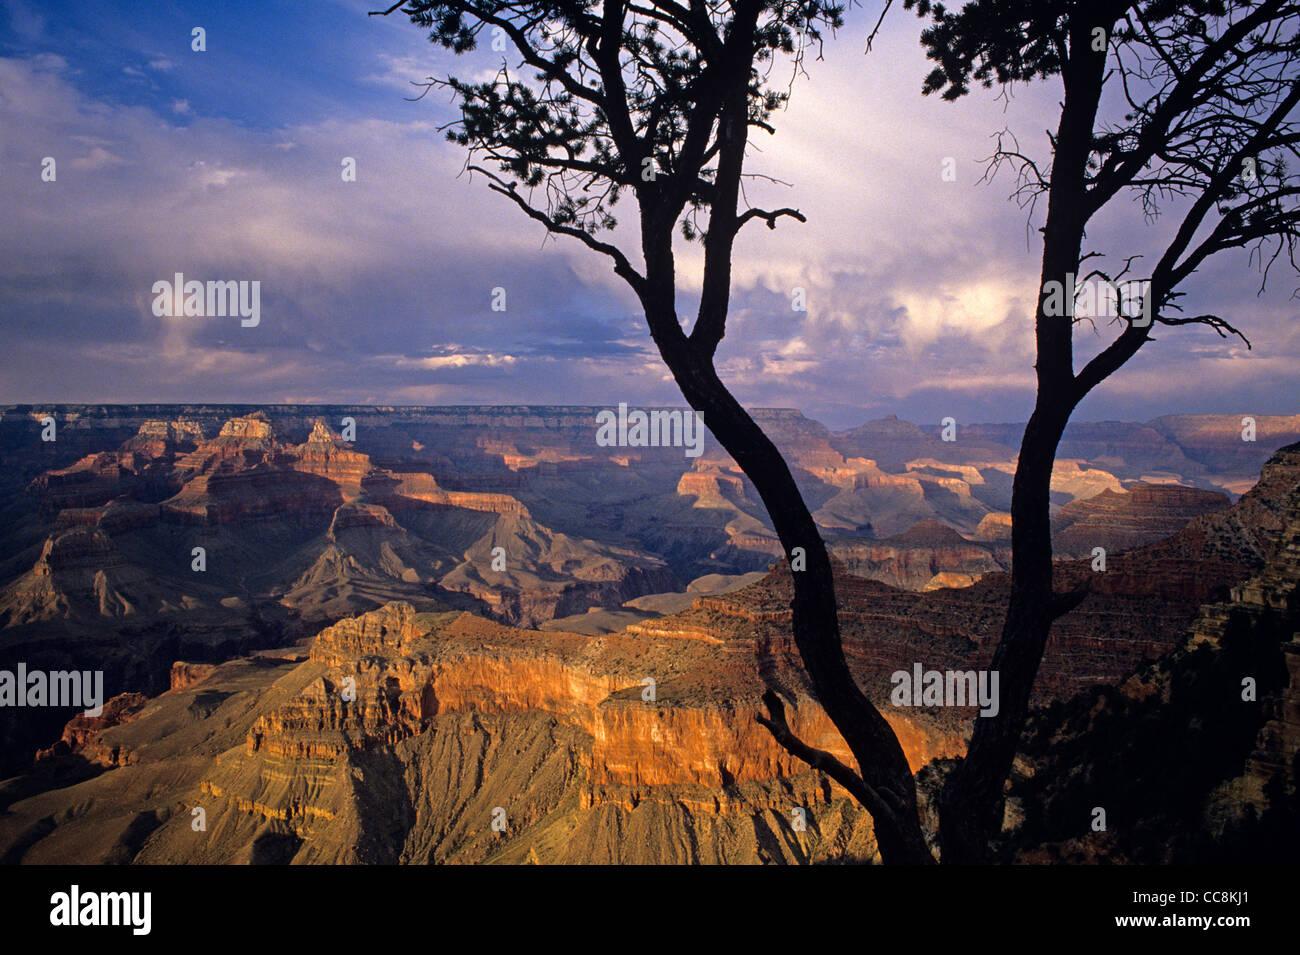 Borde Sur del Gran Cañón tomadas cerca de Yavapai Point atardecer luz sobre formaciones rocosas luz del atardecer Foto de stock